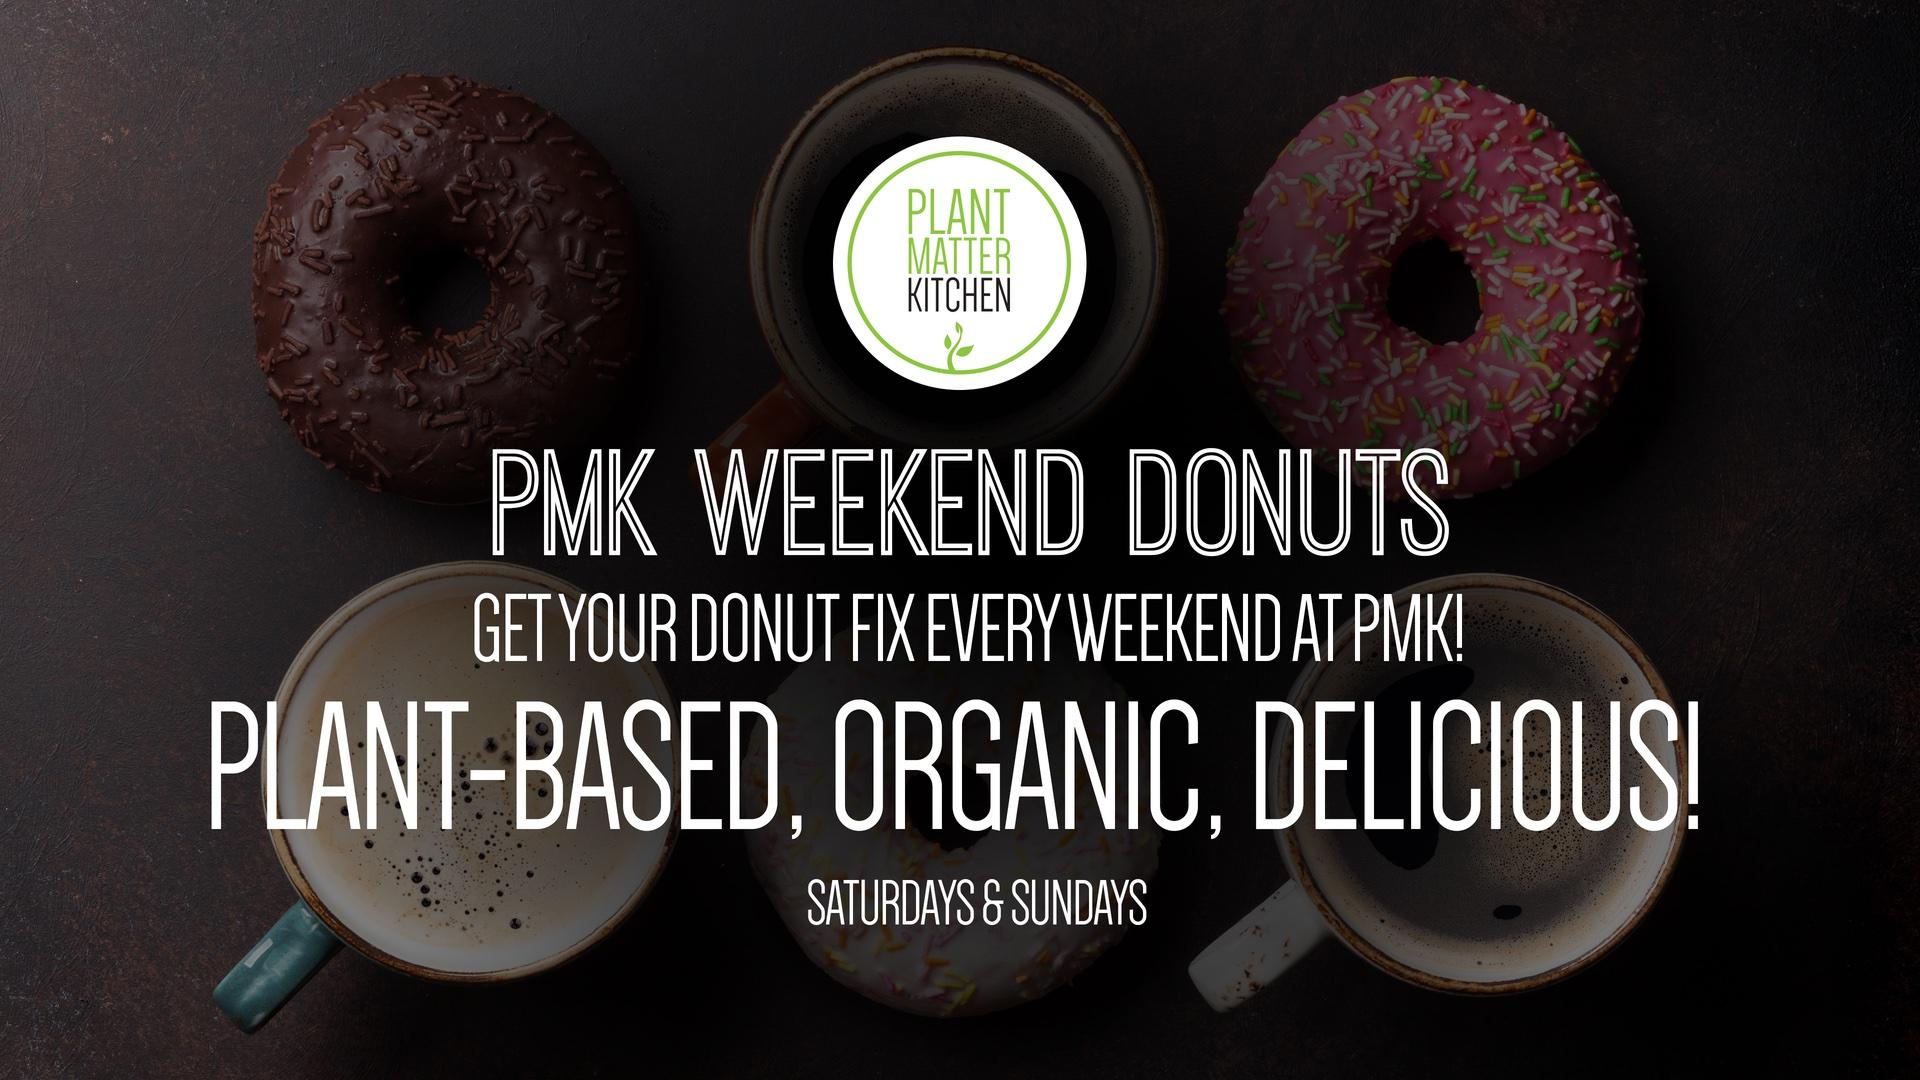 PMK - Weekend Donuts